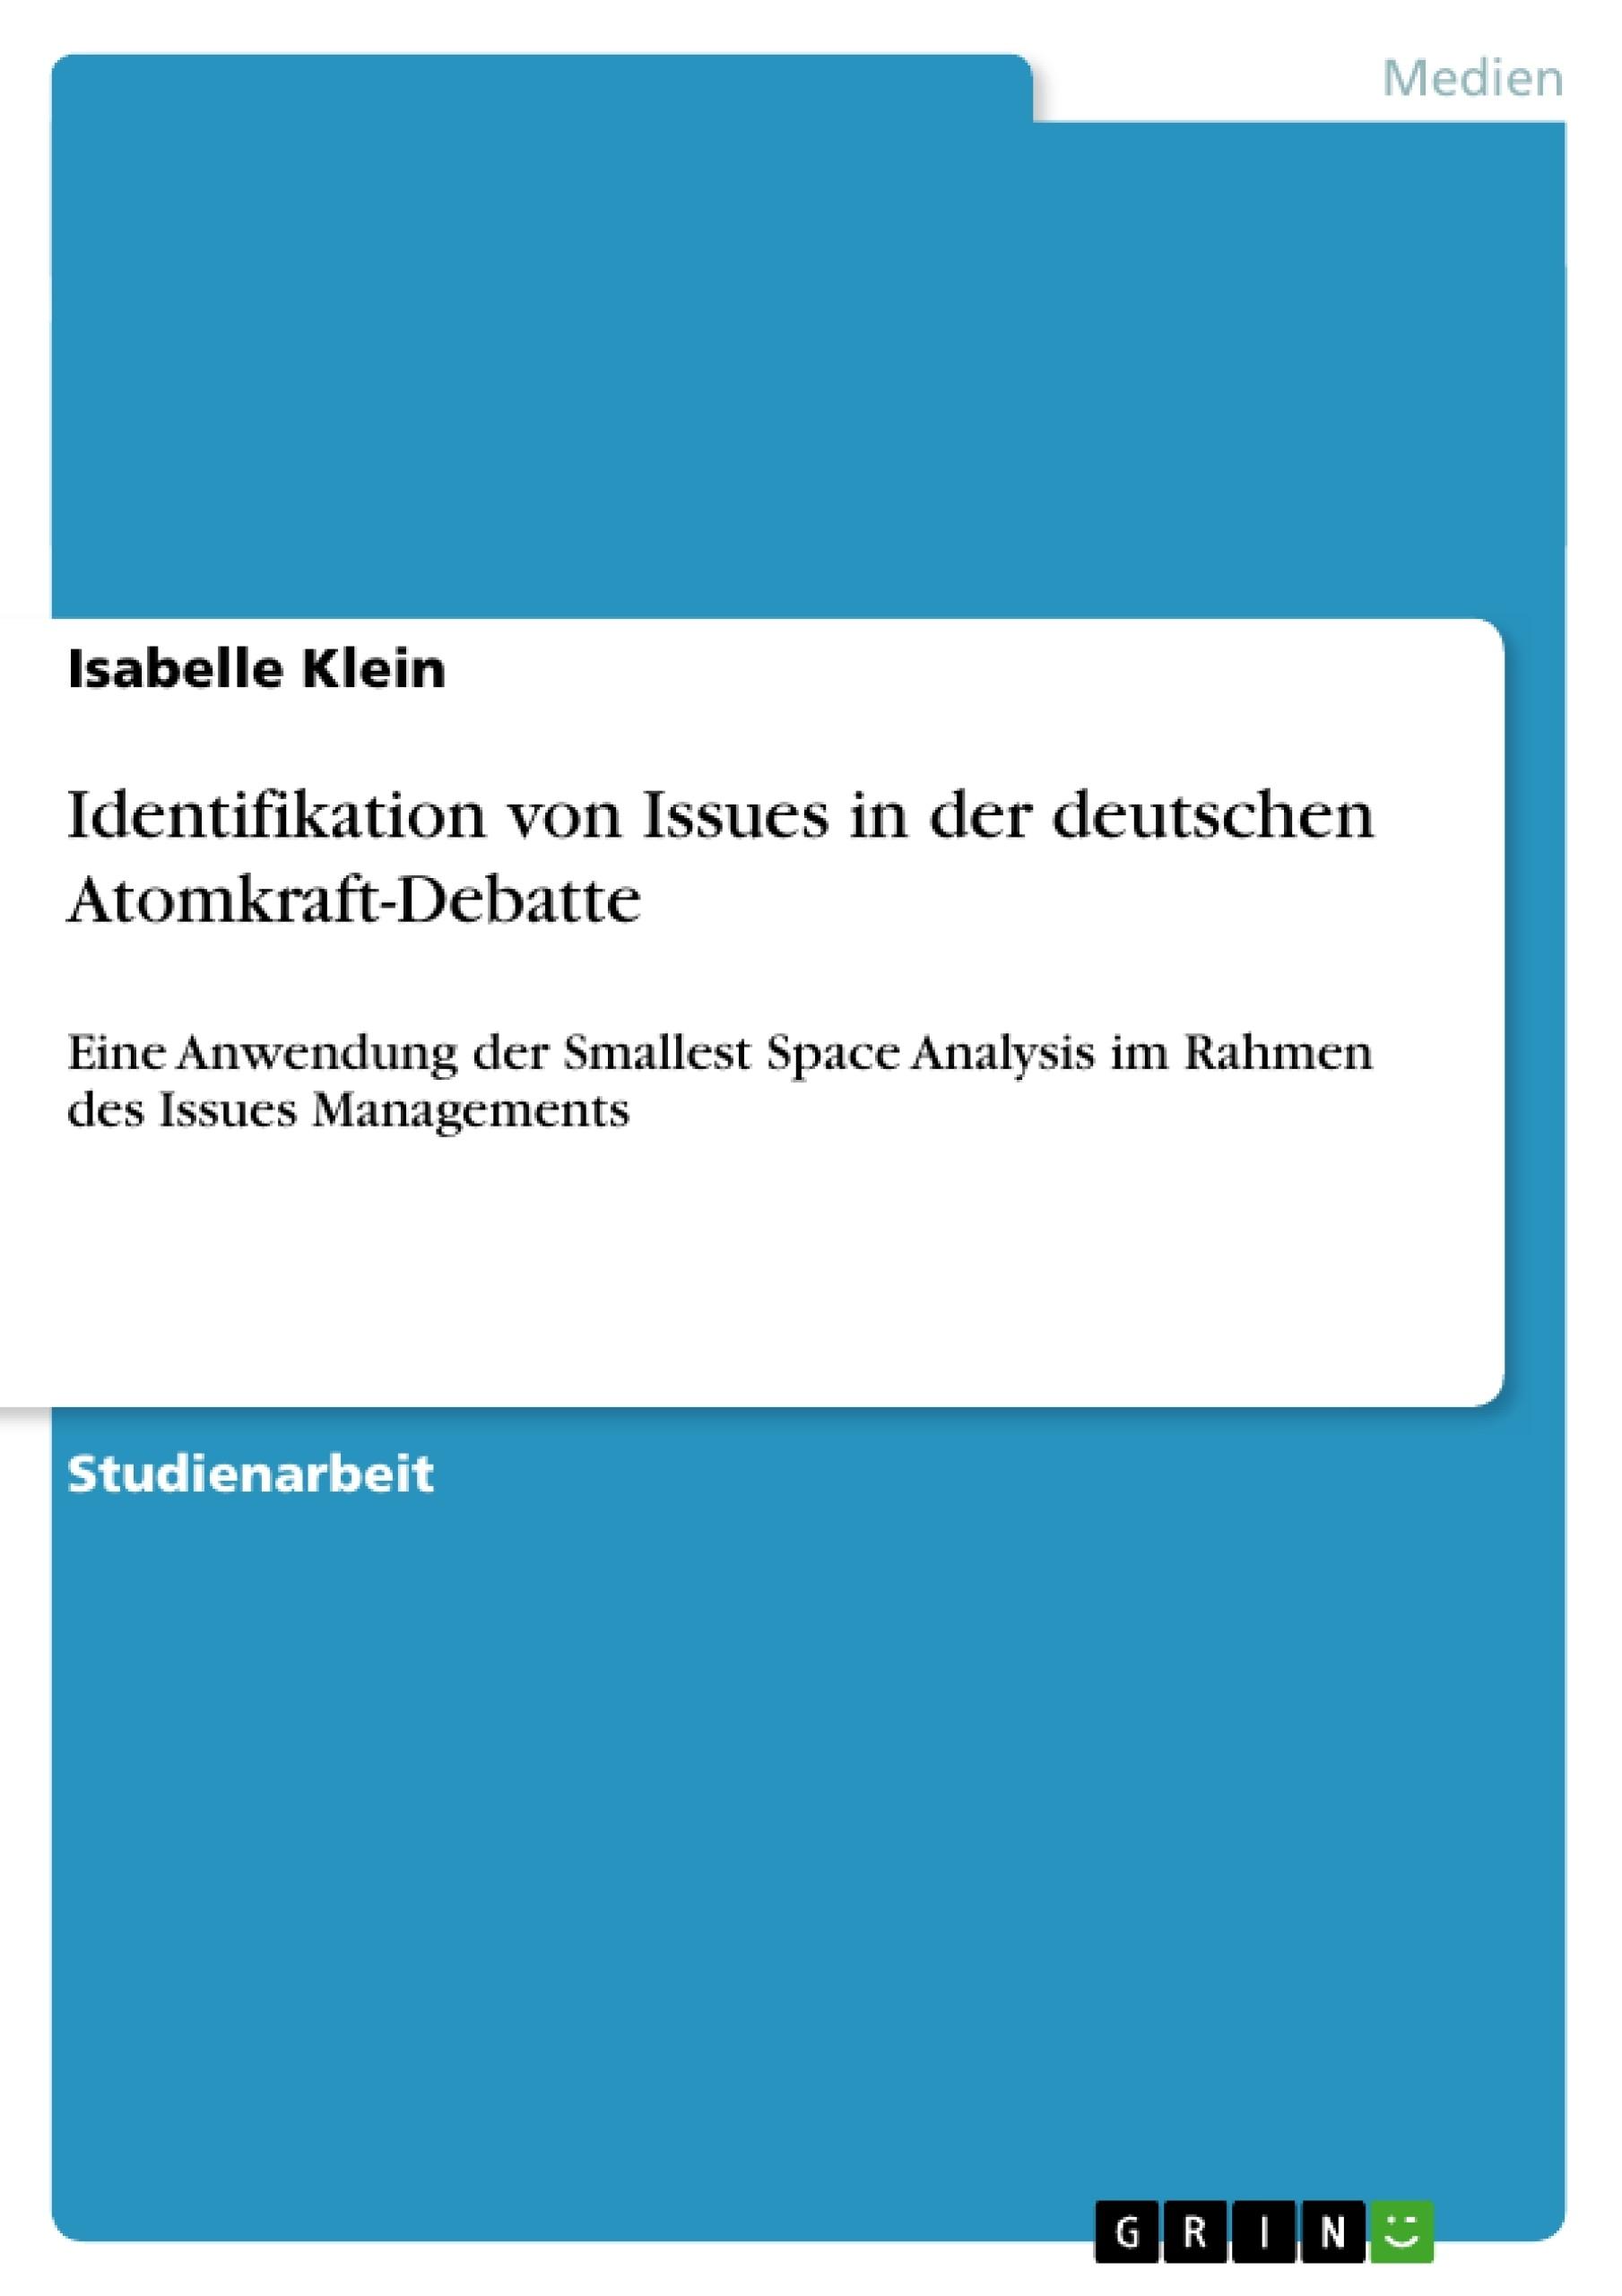 Titel: Identifikation von Issues in der deutschen Atomkraft-Debatte